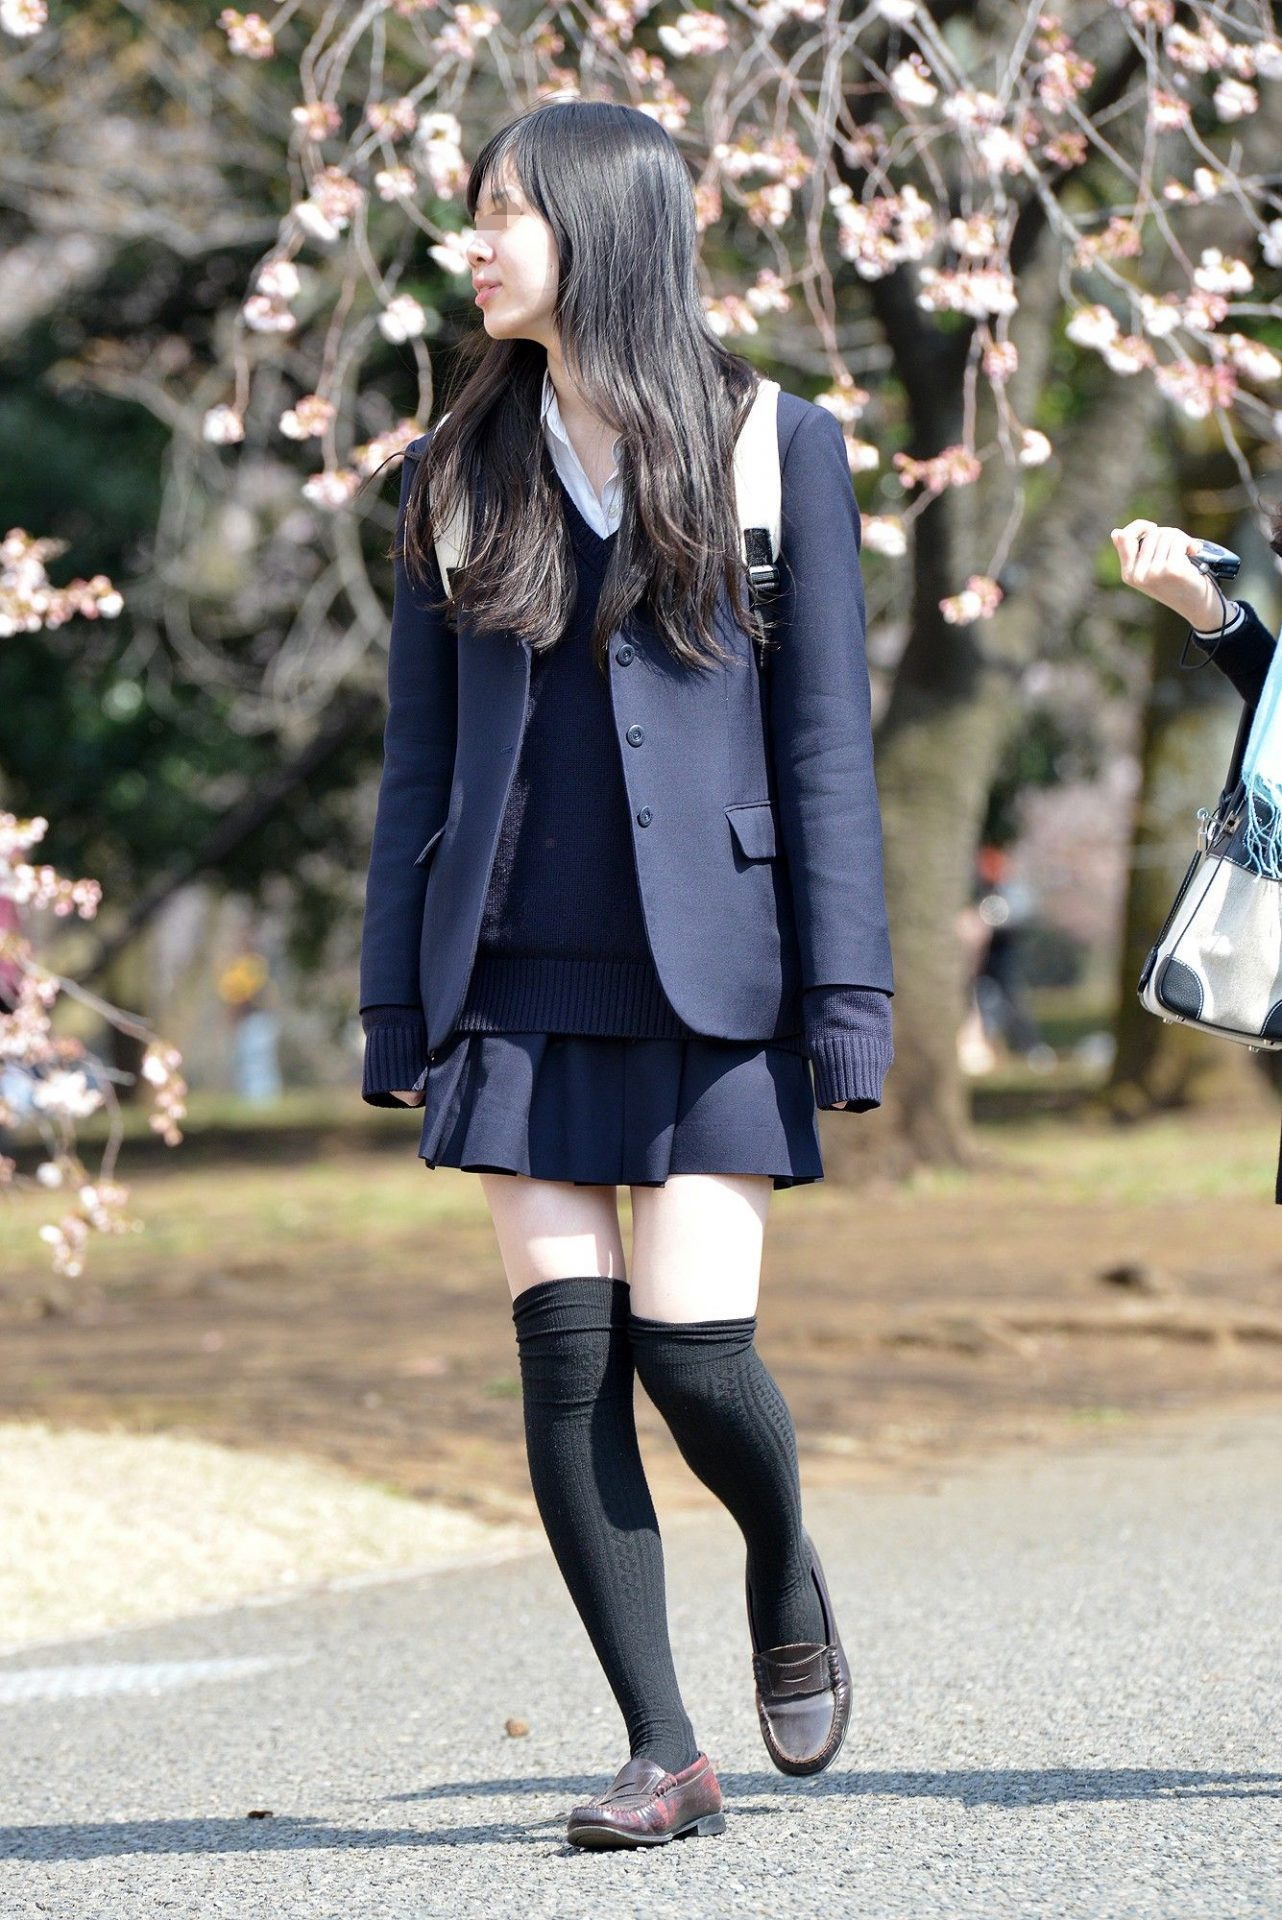 三次元 3次元 エロ画像  JK 女子校生 ニーソックス べっぴん娘通信 32